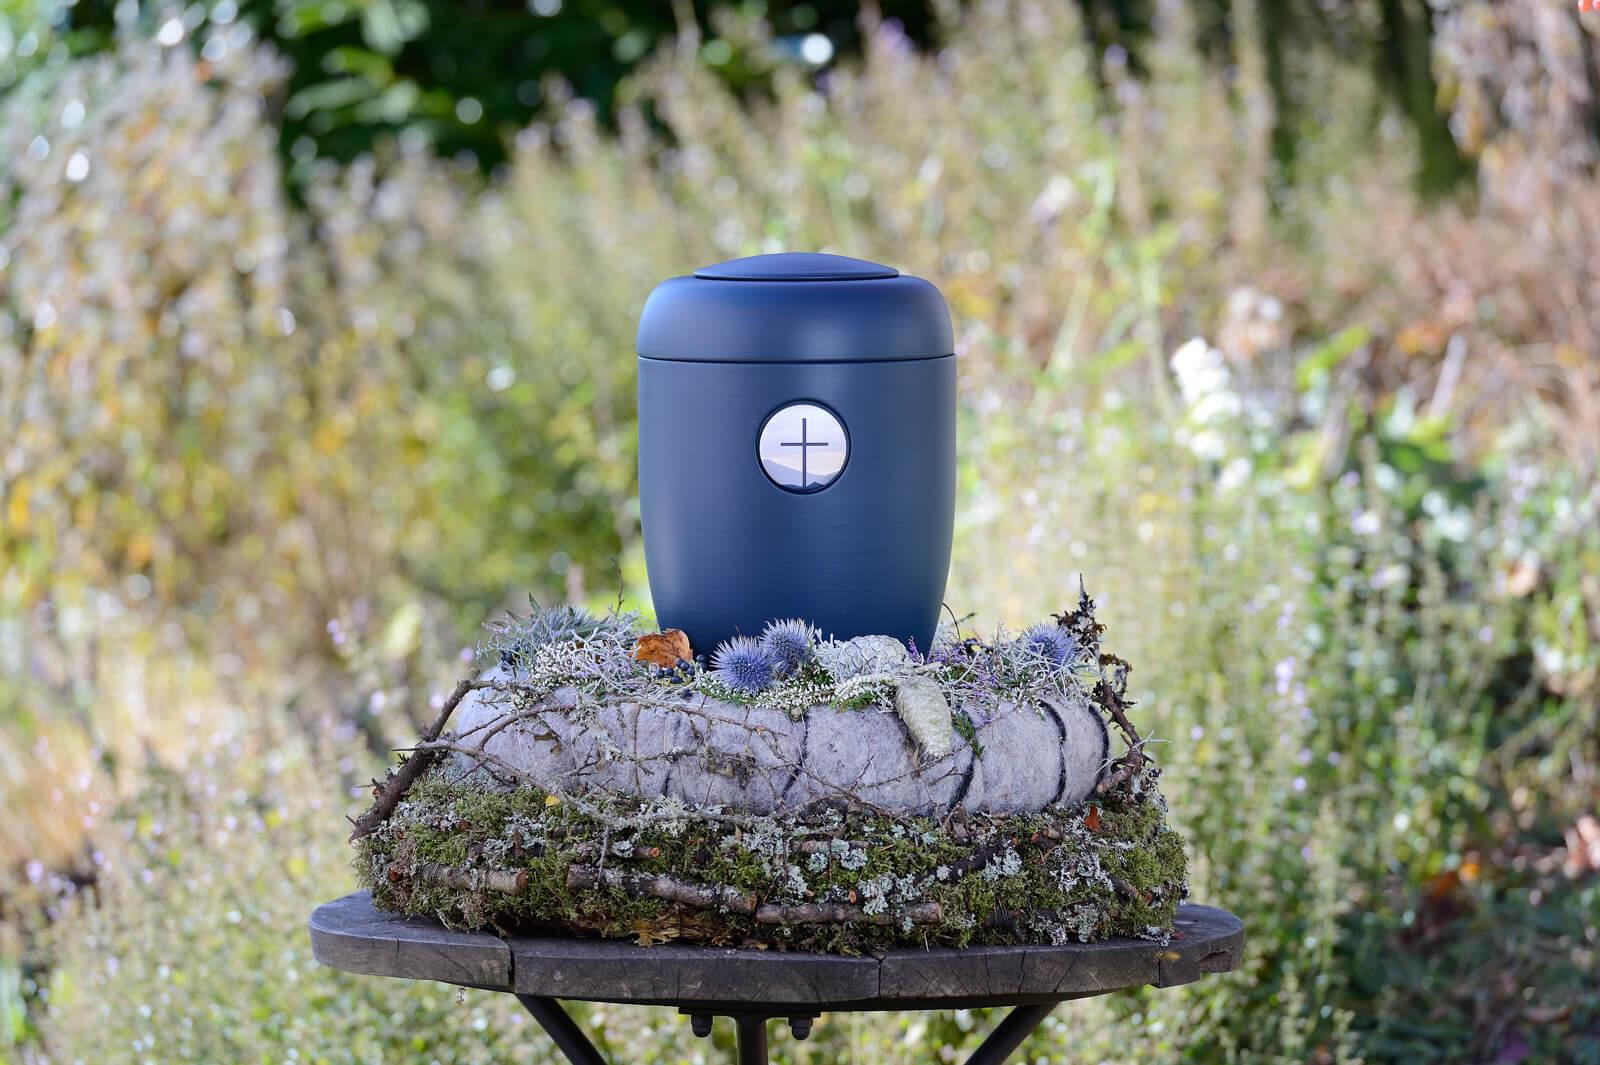 Blumiger Hintergrund zu blauer Urne